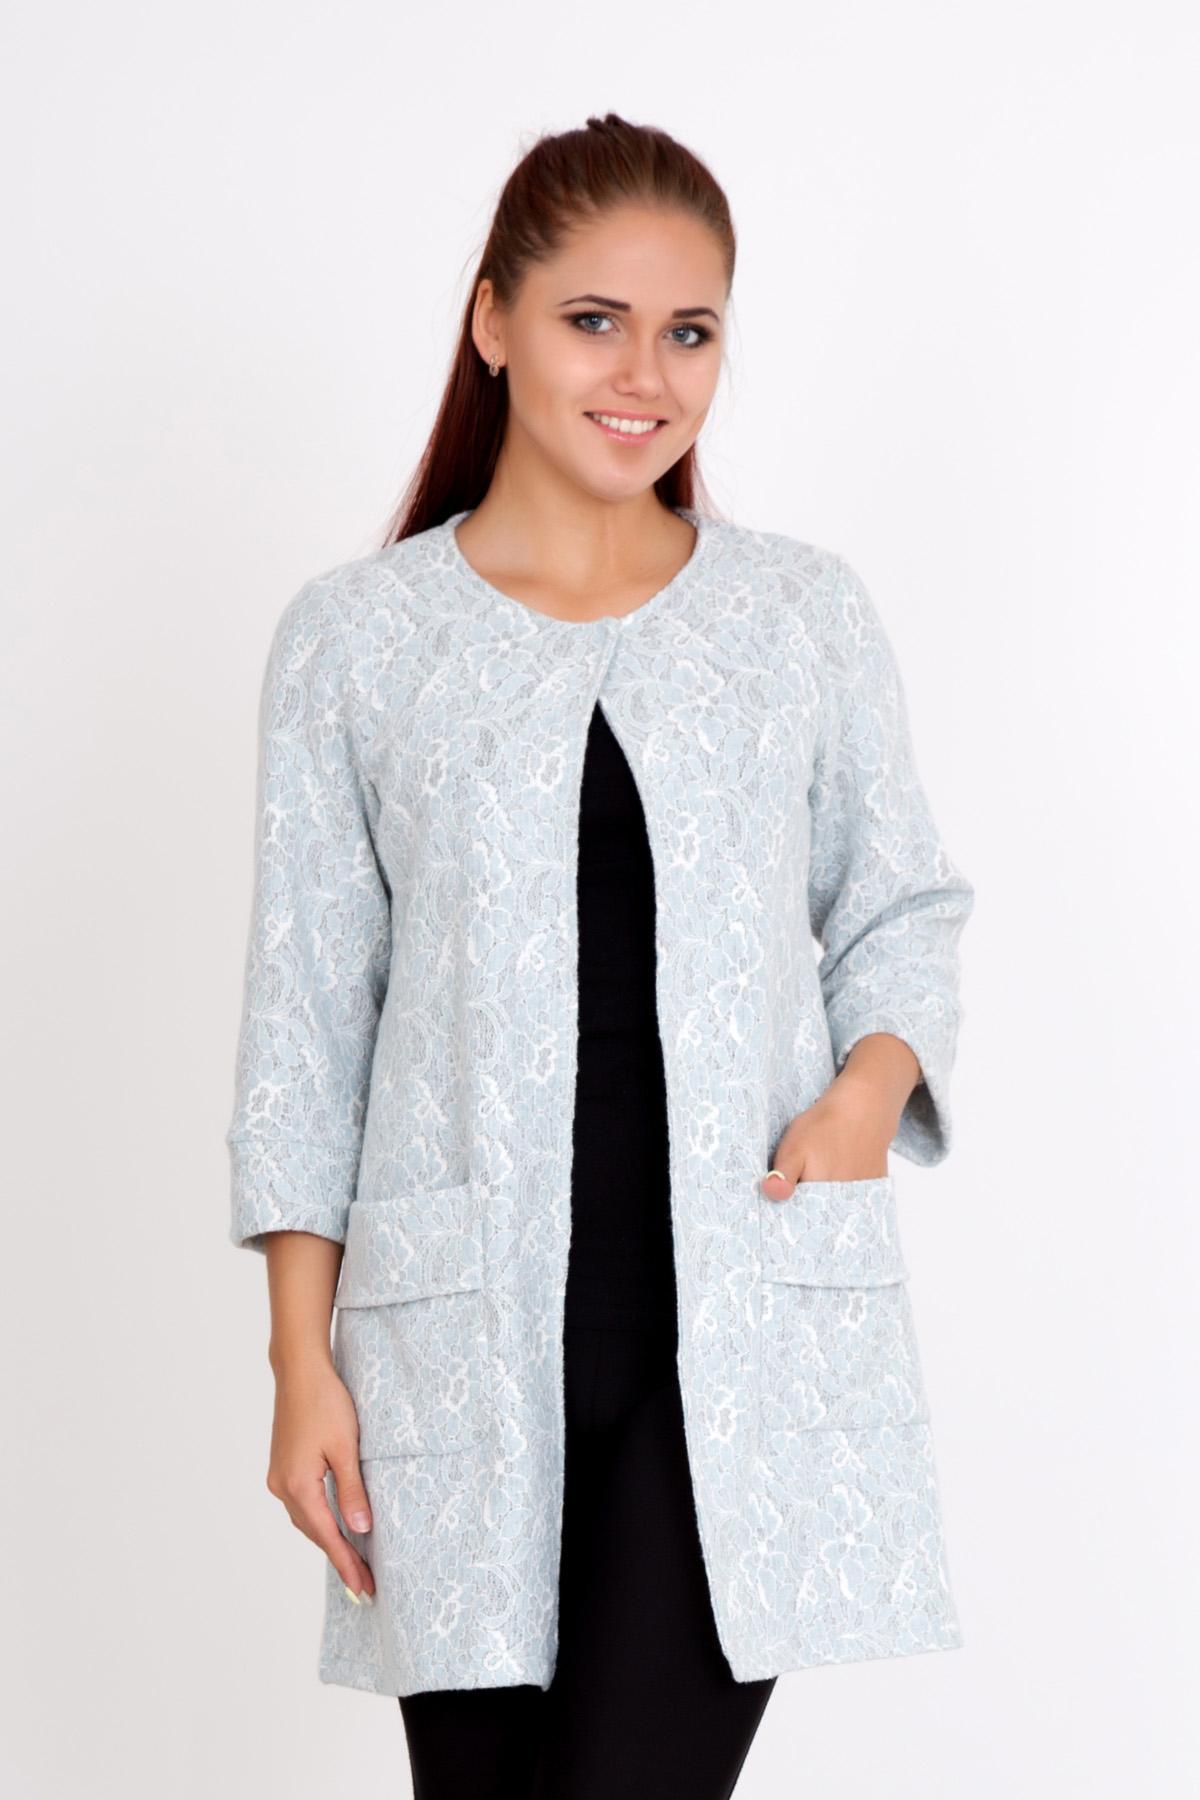 Жен. пальто  Летнее  Голубой р. 56 - Женская одежда артикул: 20369